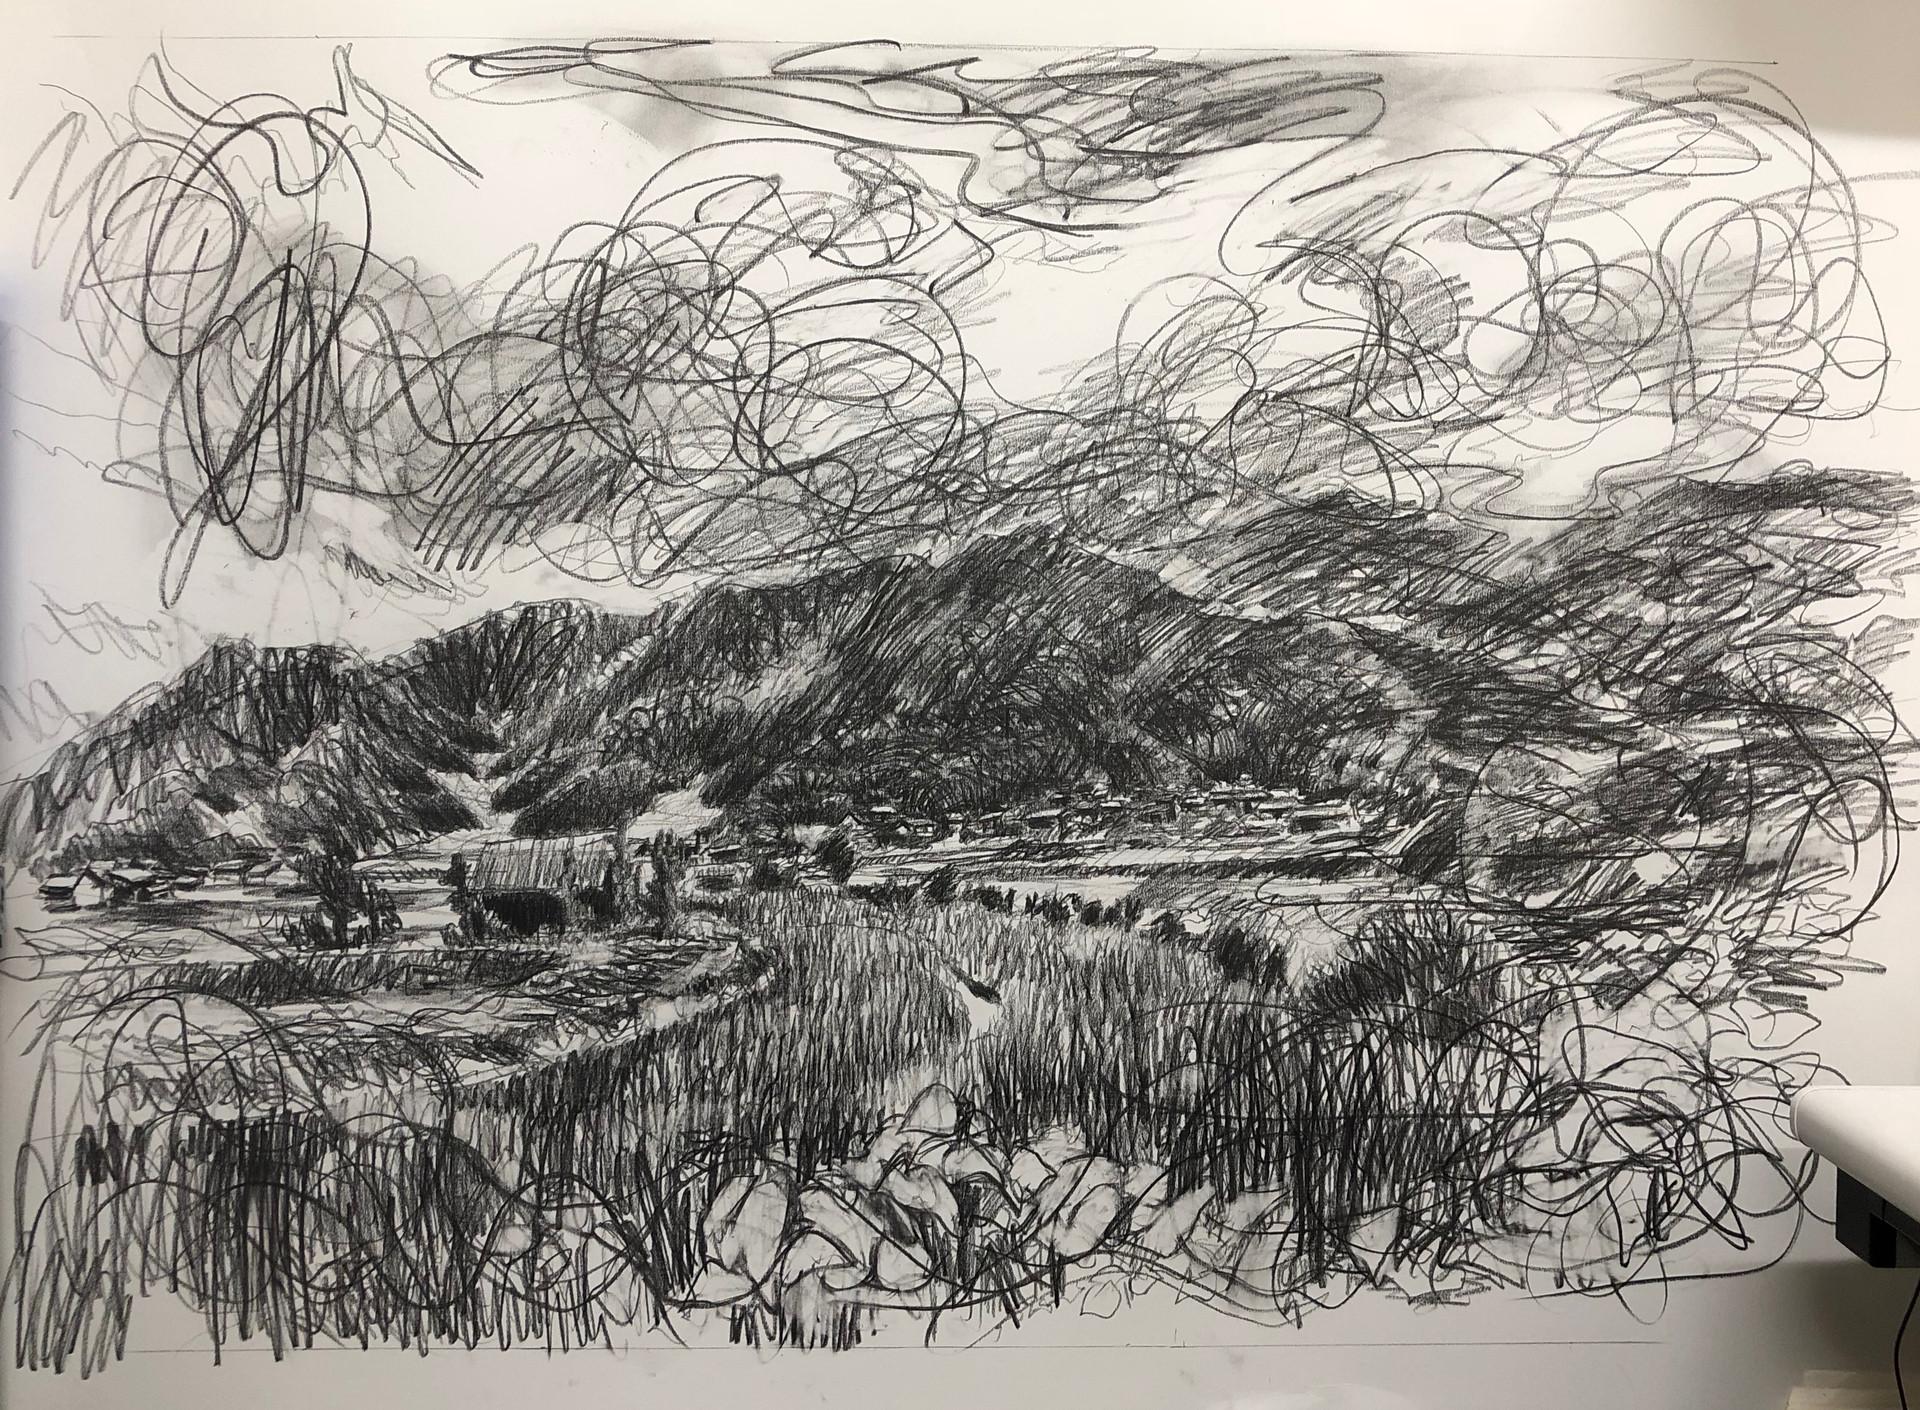 風景(手稲) | 色鉛筆、紙 1030mm ☓ 1456mm | 2018